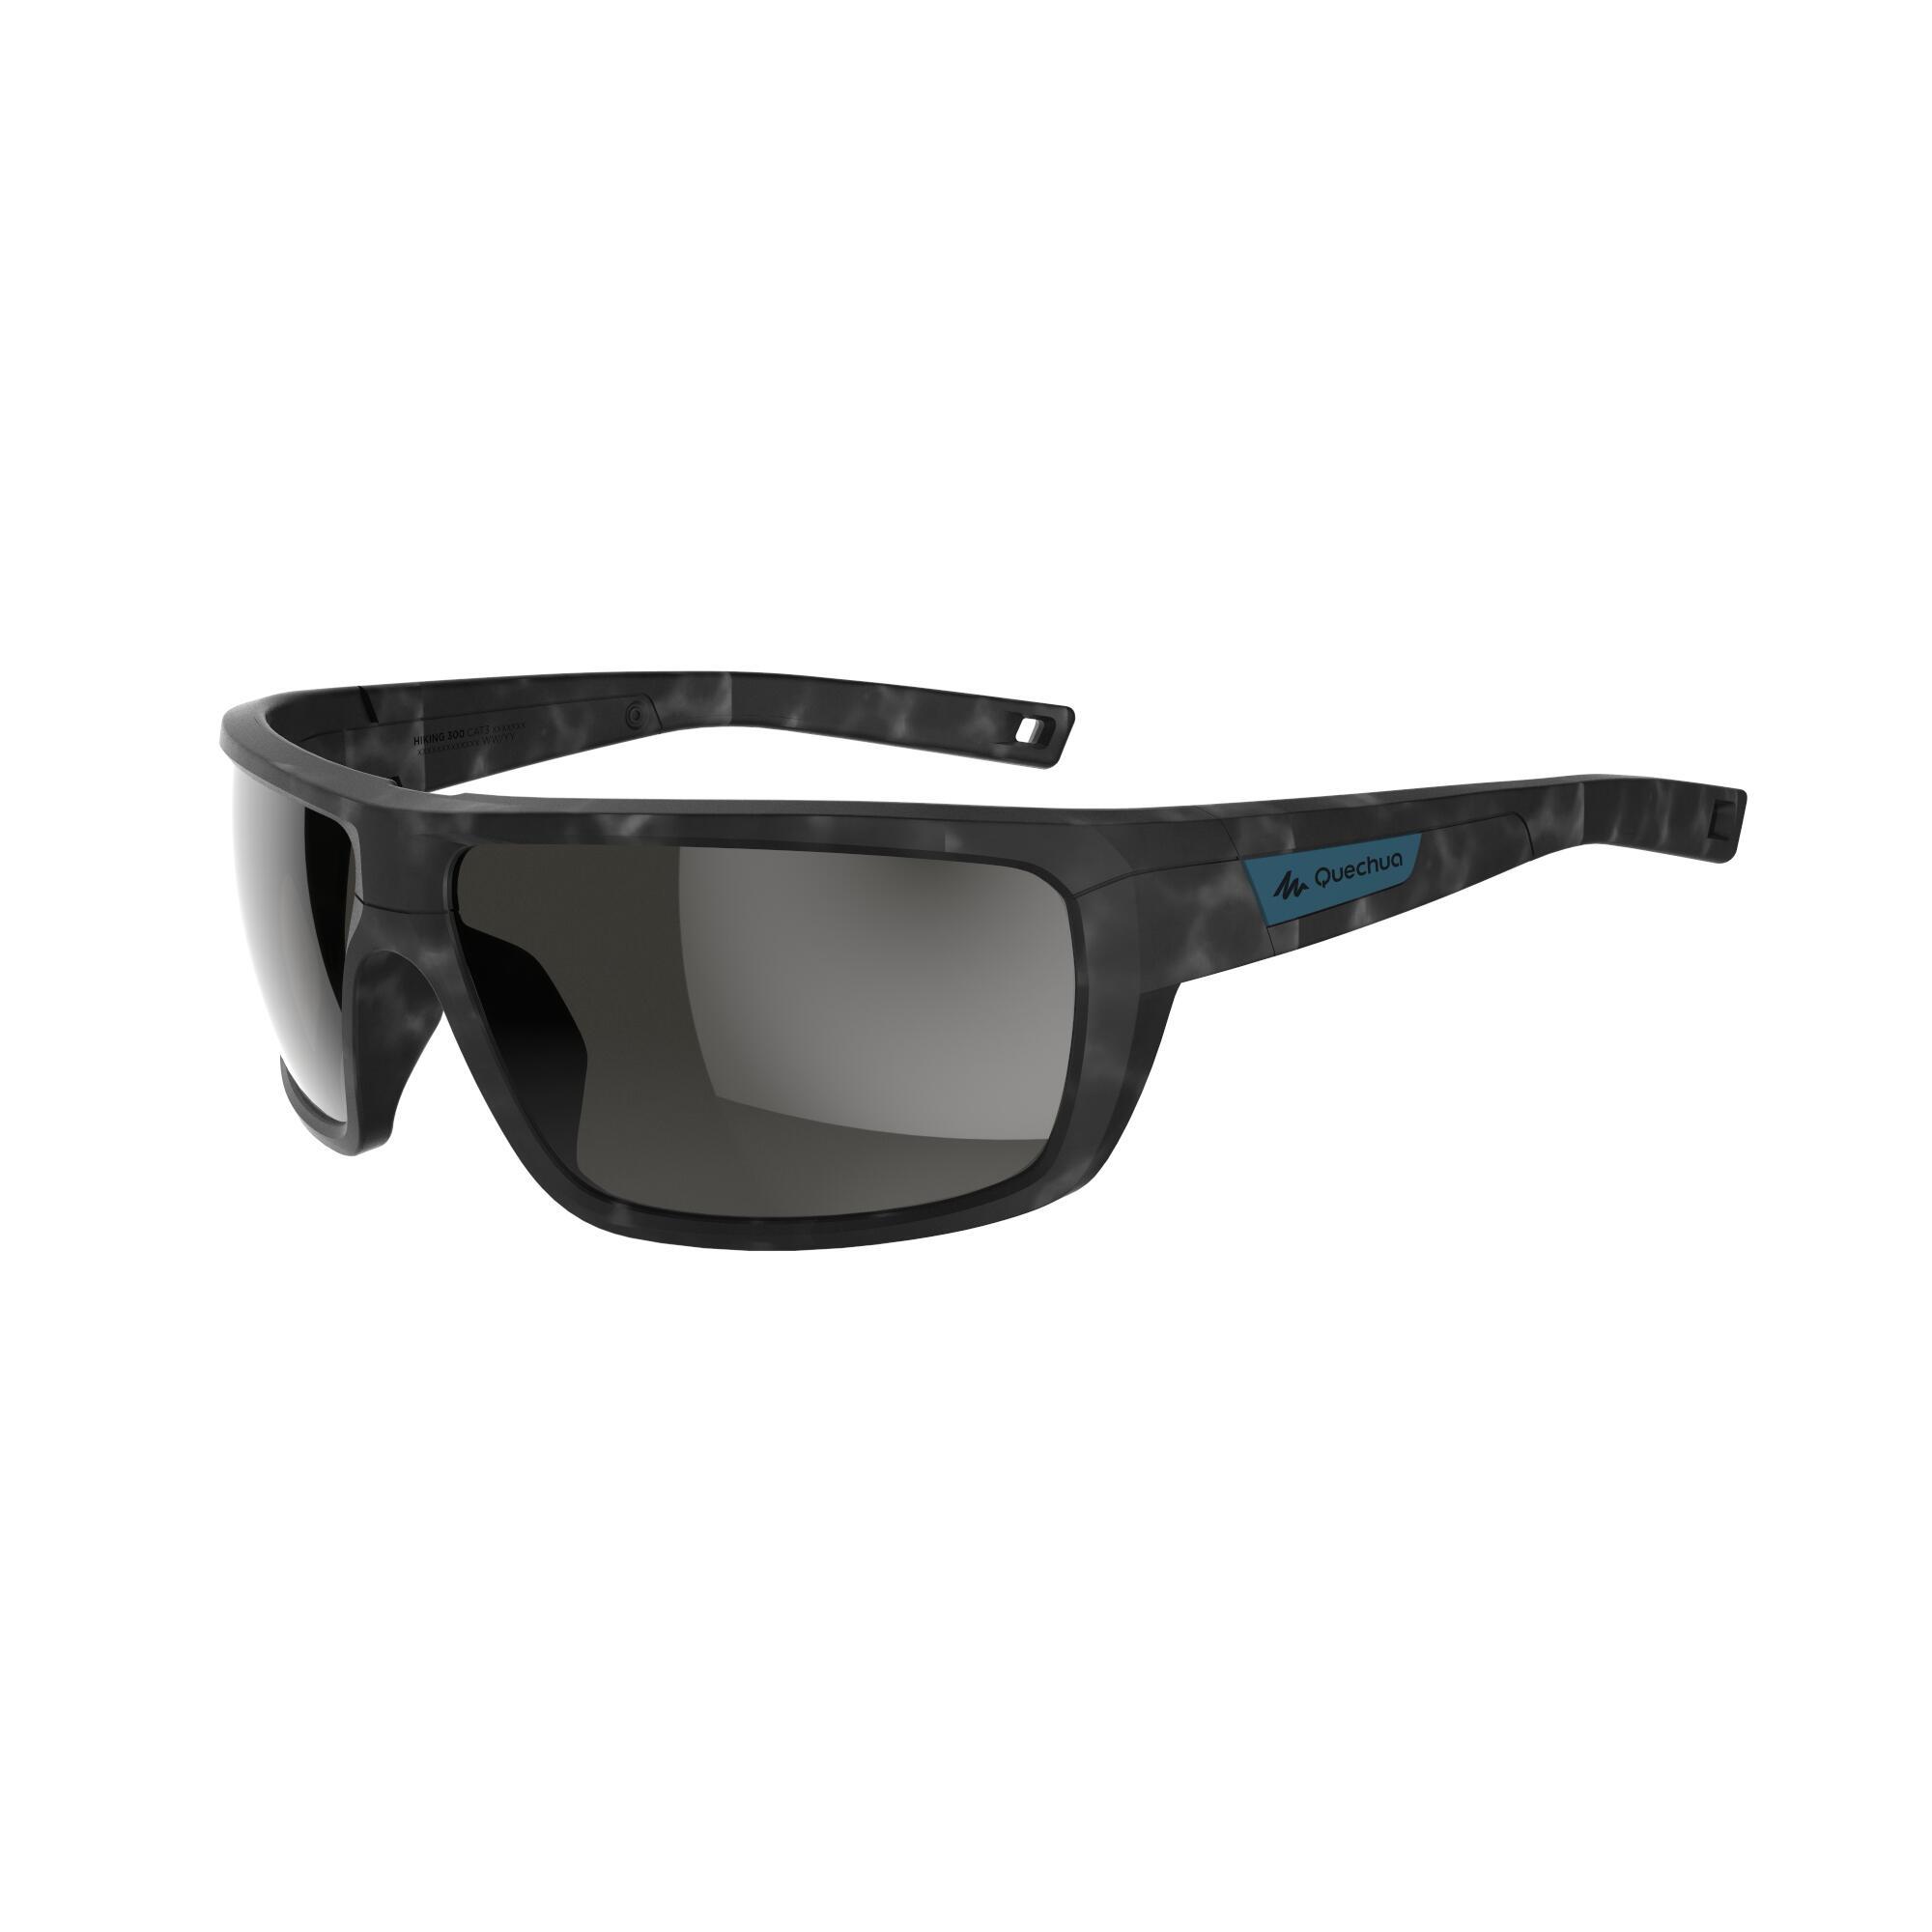 7730f515daff5d Caperlan Polariserende hengelbril Skyrazer voor… Quechua Zonnebril Hiking  300 polariserend categorie 3 kopen met voordeel